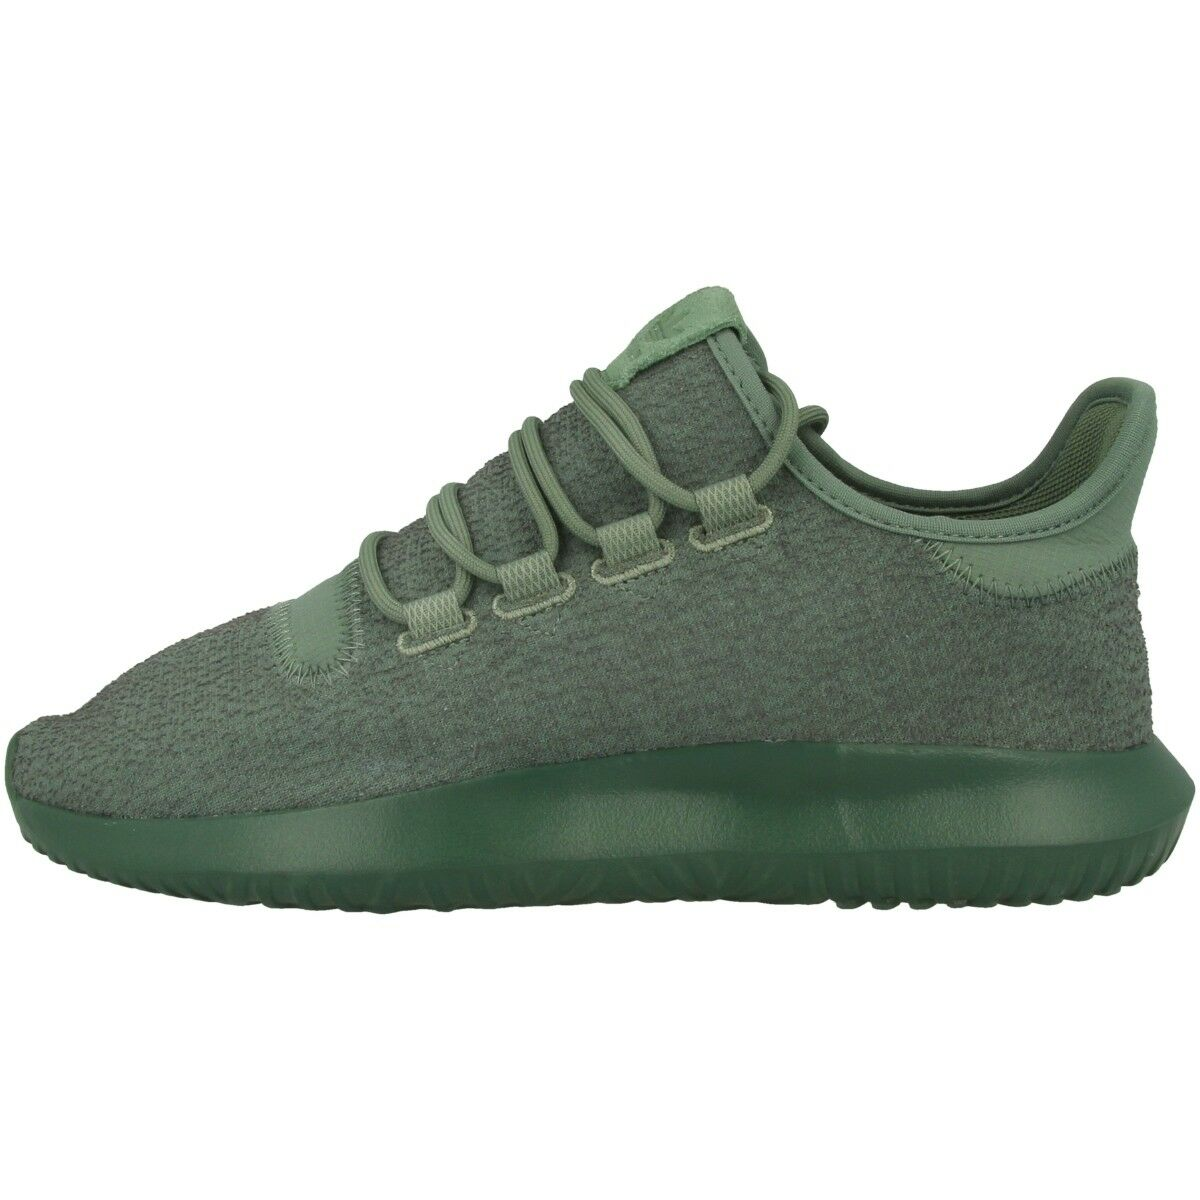 Adidas Tubular Shadow Men Schuhe Sneaker Laufschuhe green BY3573 Knit Runner ZX